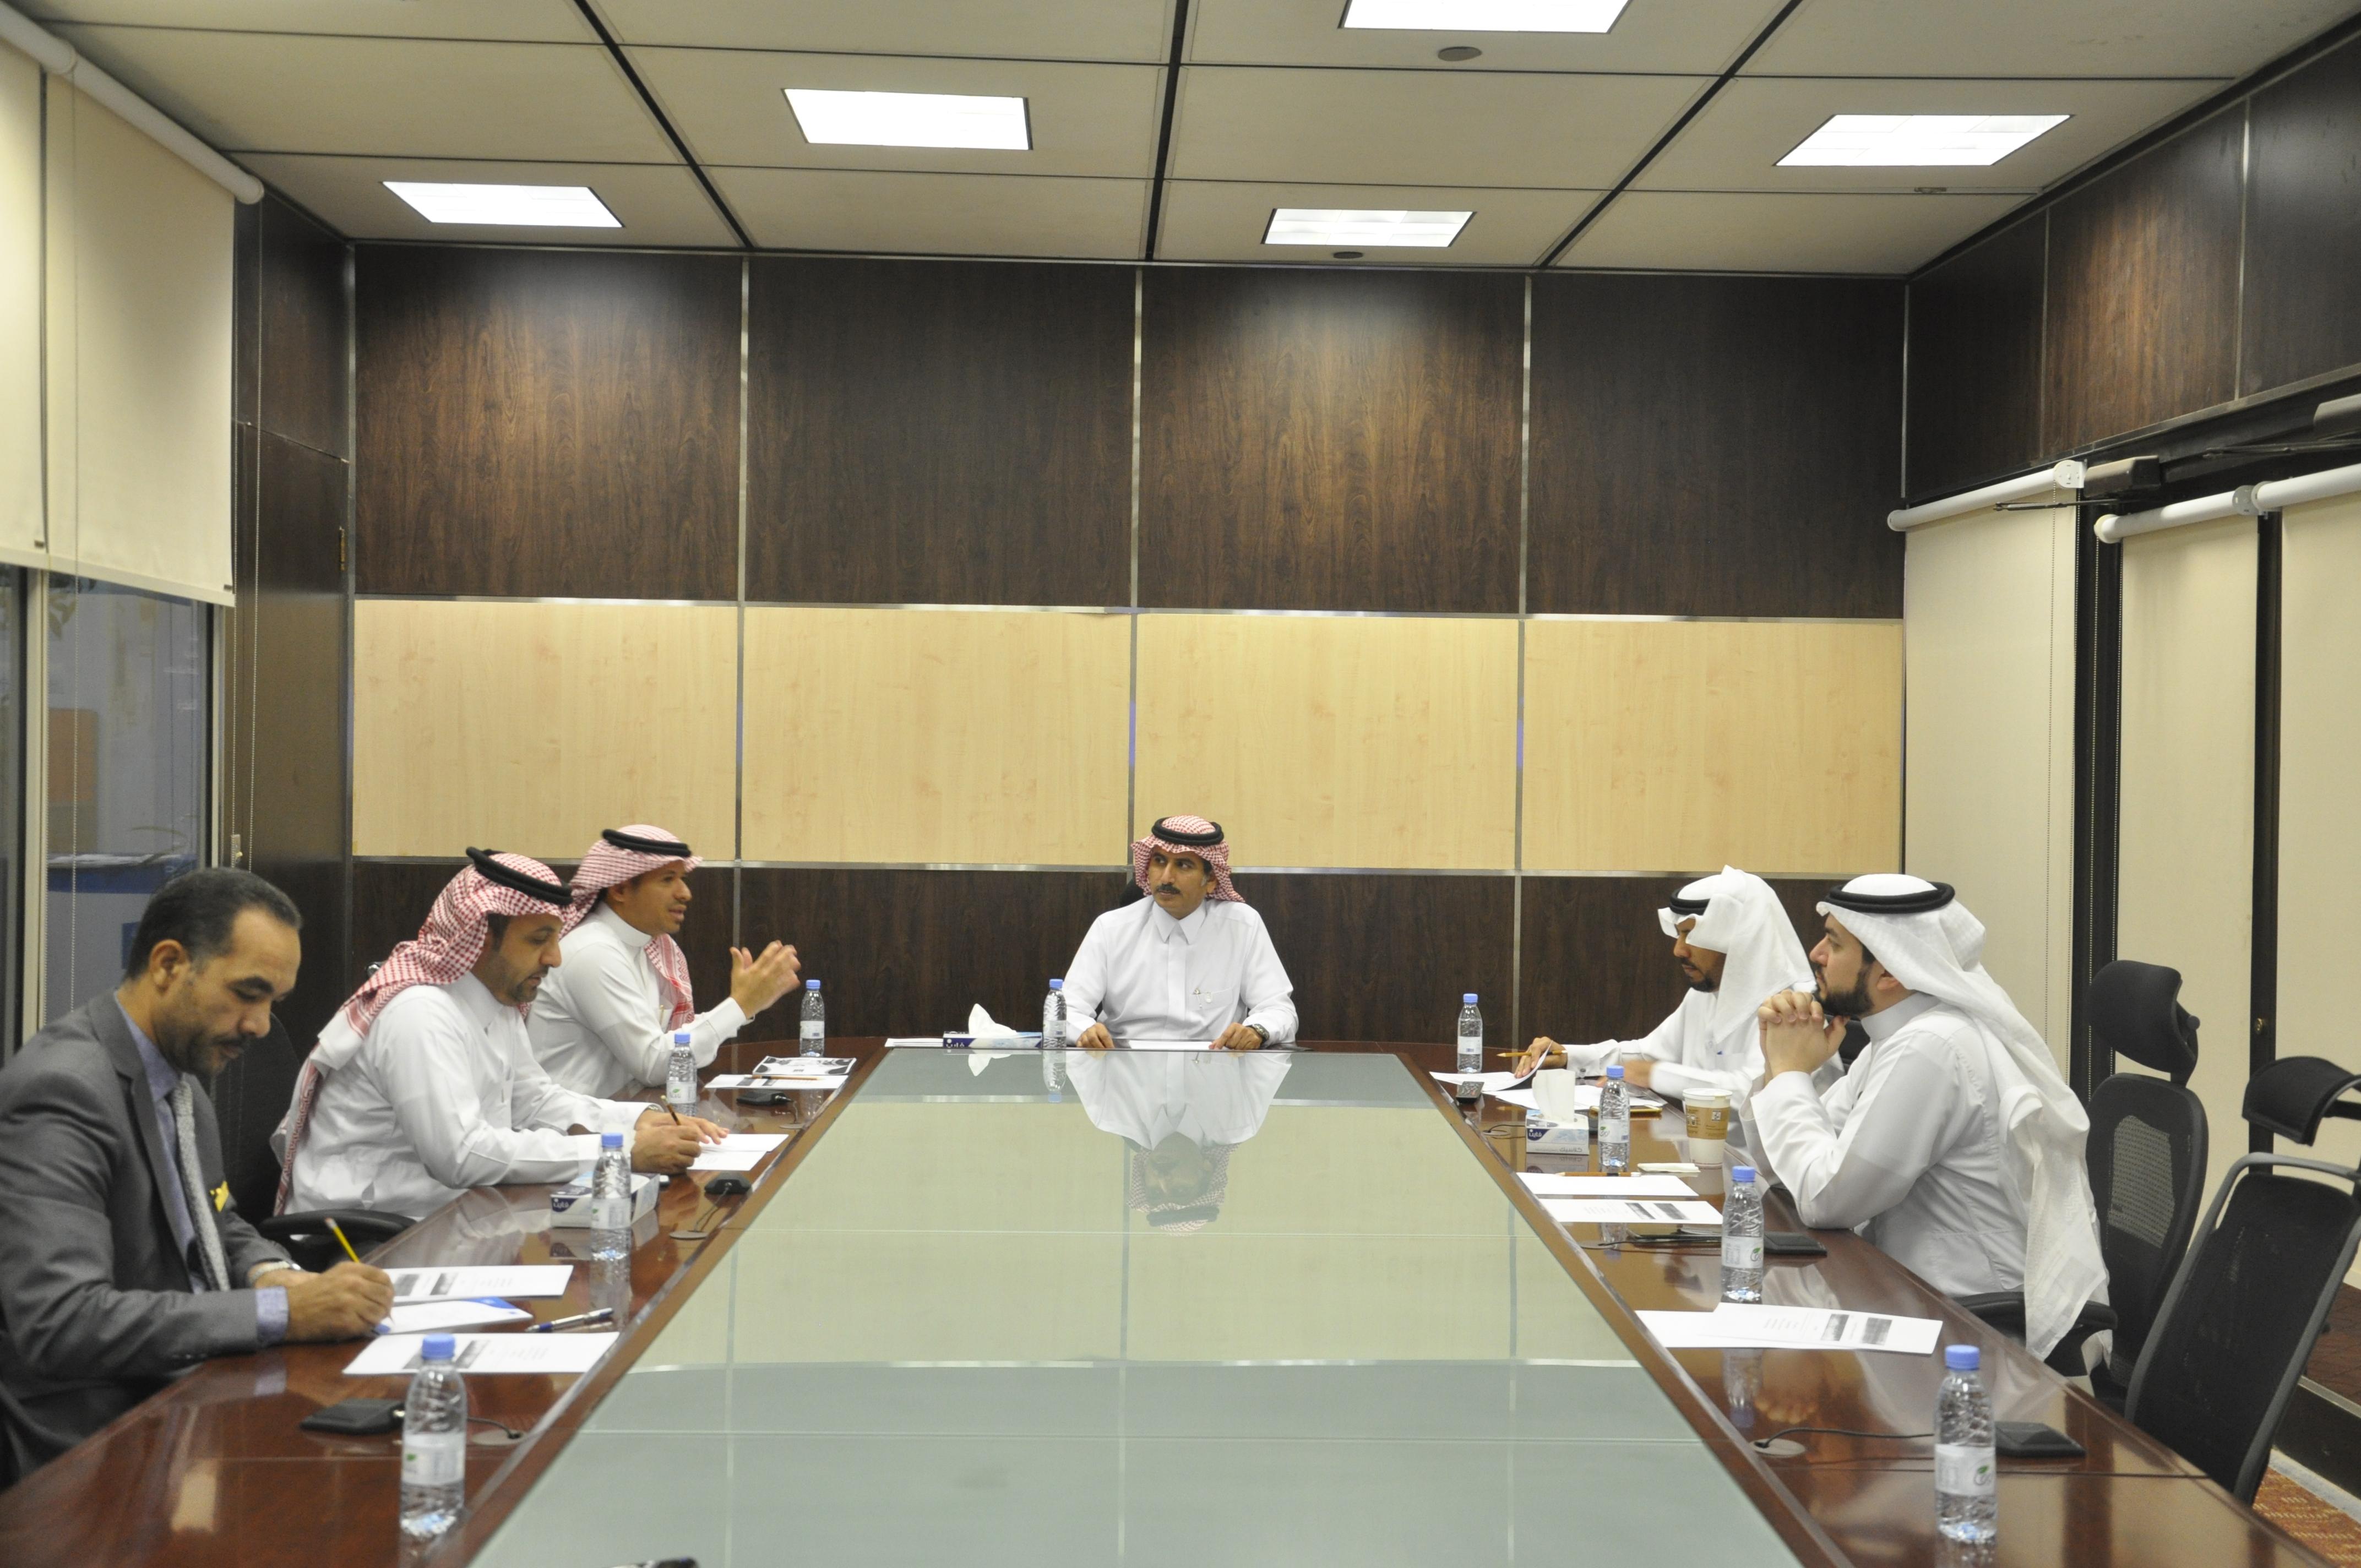 اللجنة الدائمة لإدارة المخاطر تناقش خطط الطوارئ ونظام قواعد البيانات